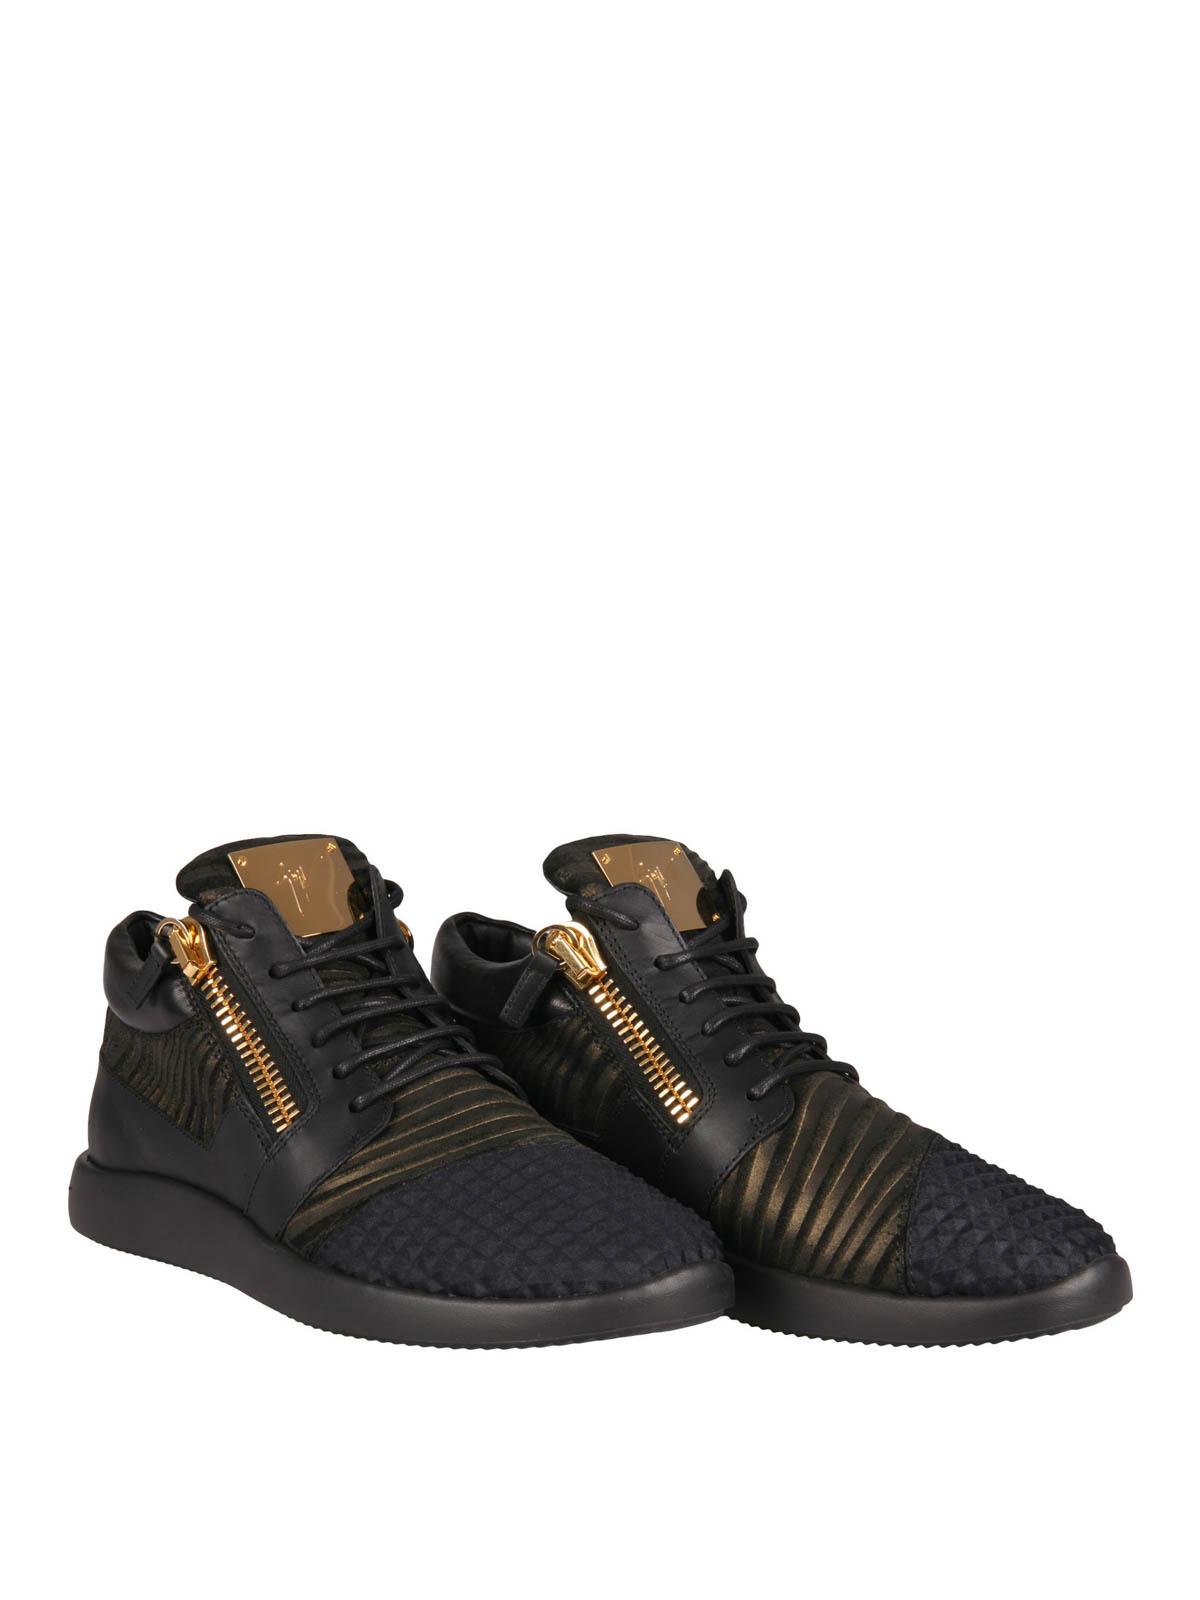 Giuseppe ZanottiRunner sneakers Onyqzt1K2